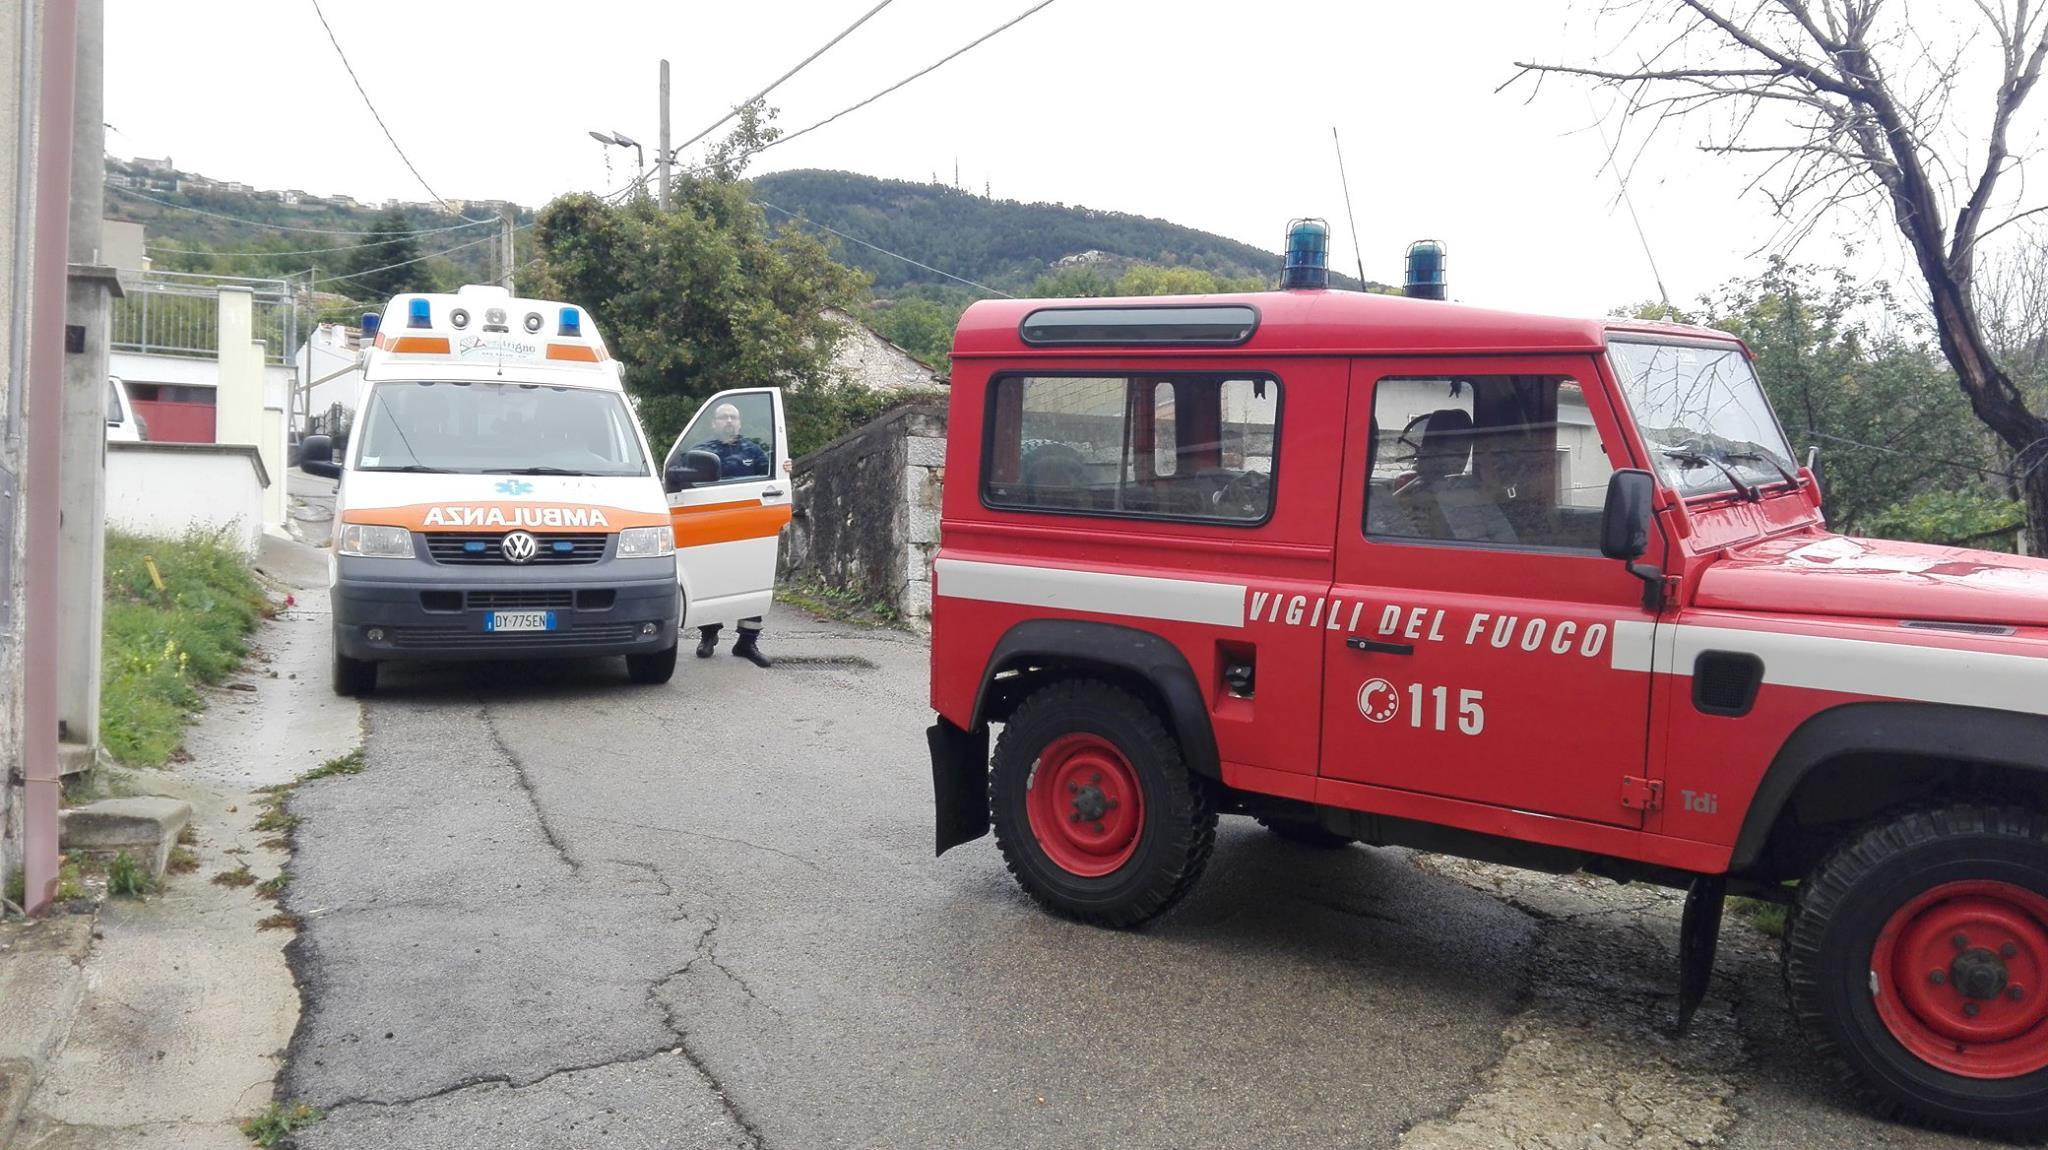 Incidente sul lavoro, 78enne muore in un frantoio a Schiavi d'Abruzzo